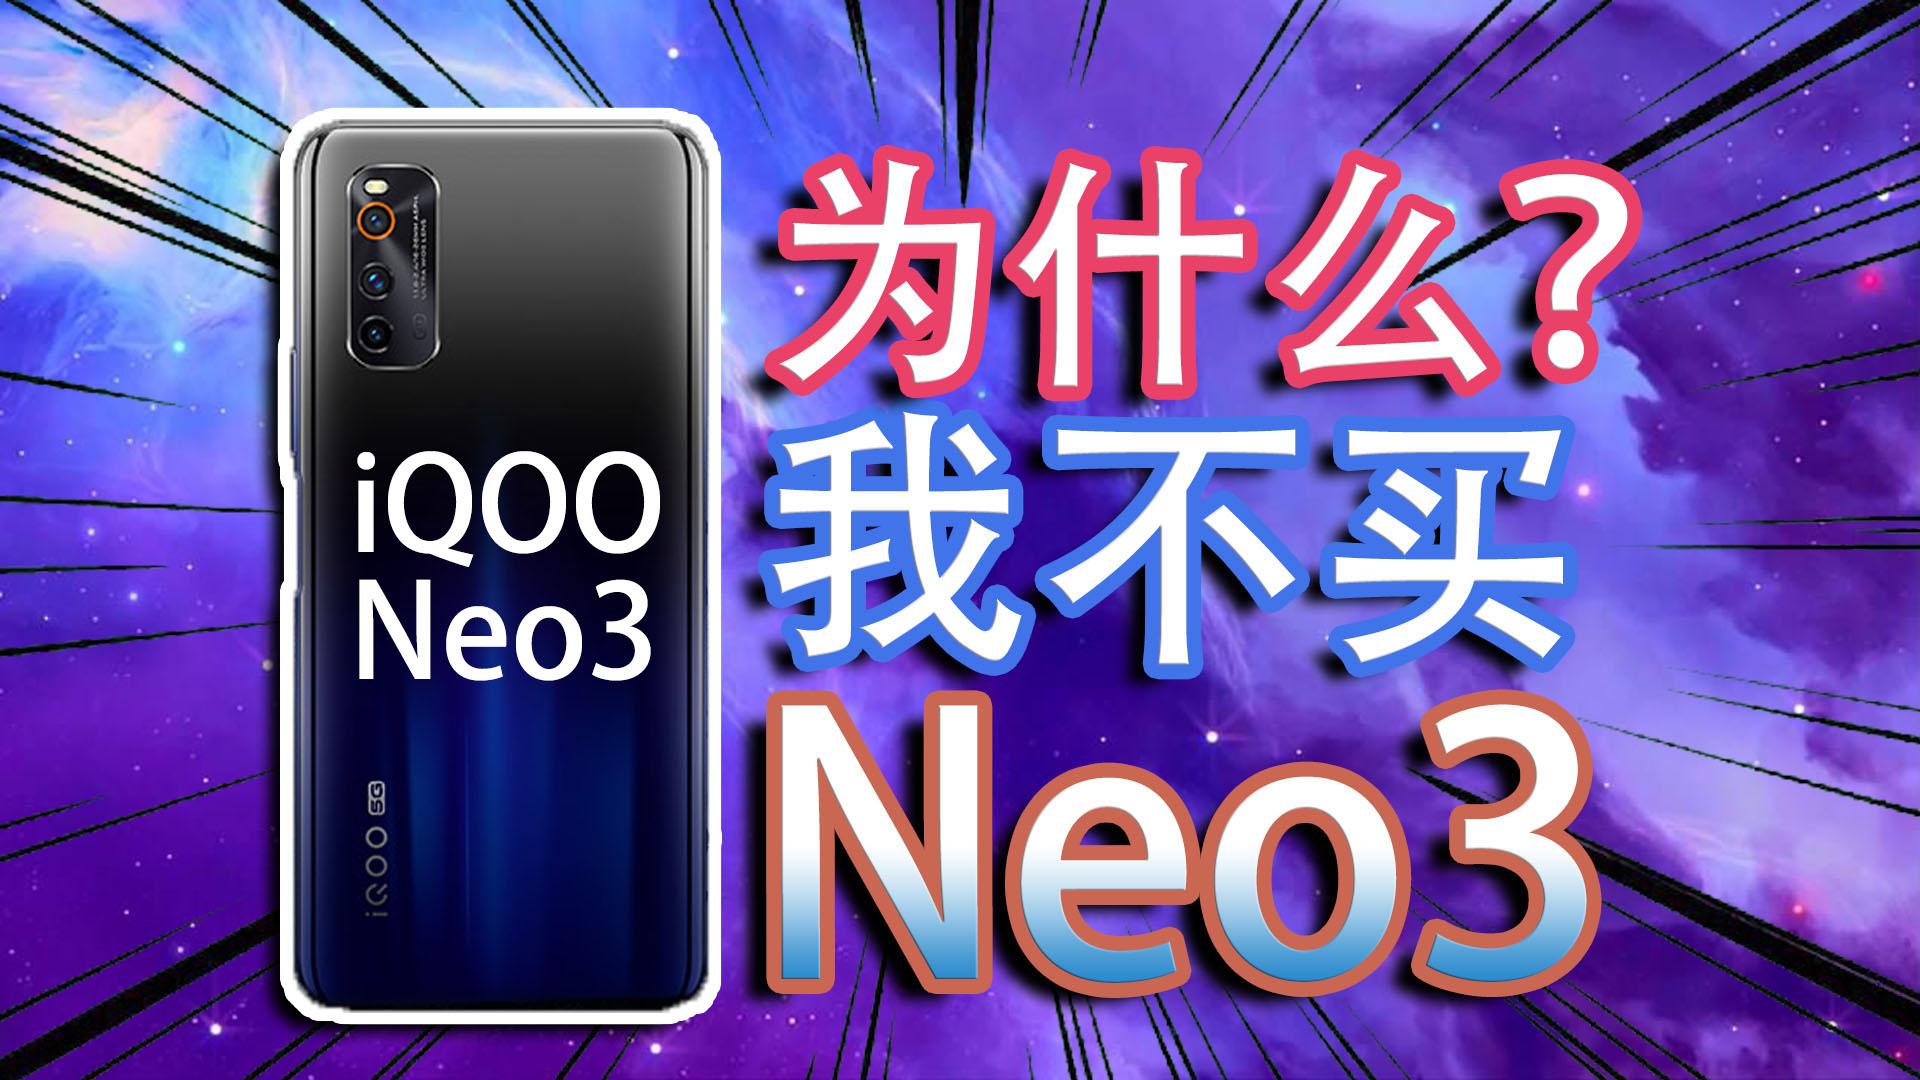 【iQOO Neo3】我不买Neo3的三个原因,红米K30Pro竟比Neo3强这么多?